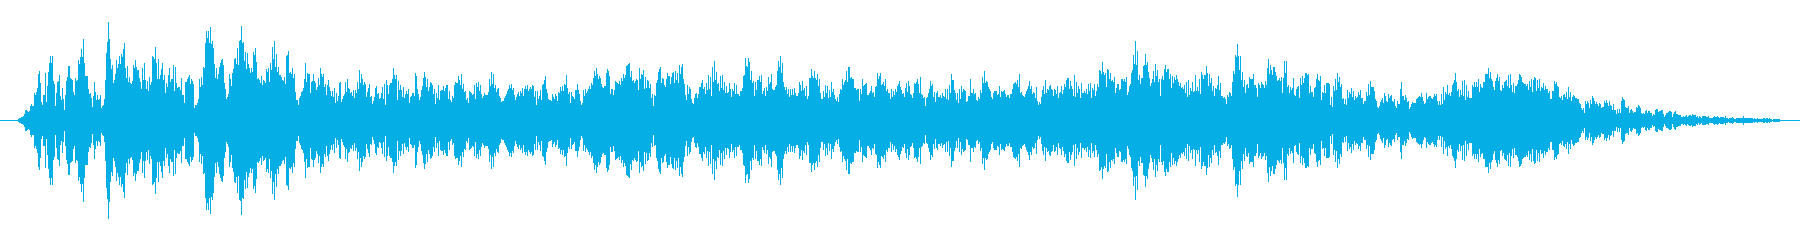 フィクション スペース エイリアン...の再生済みの波形